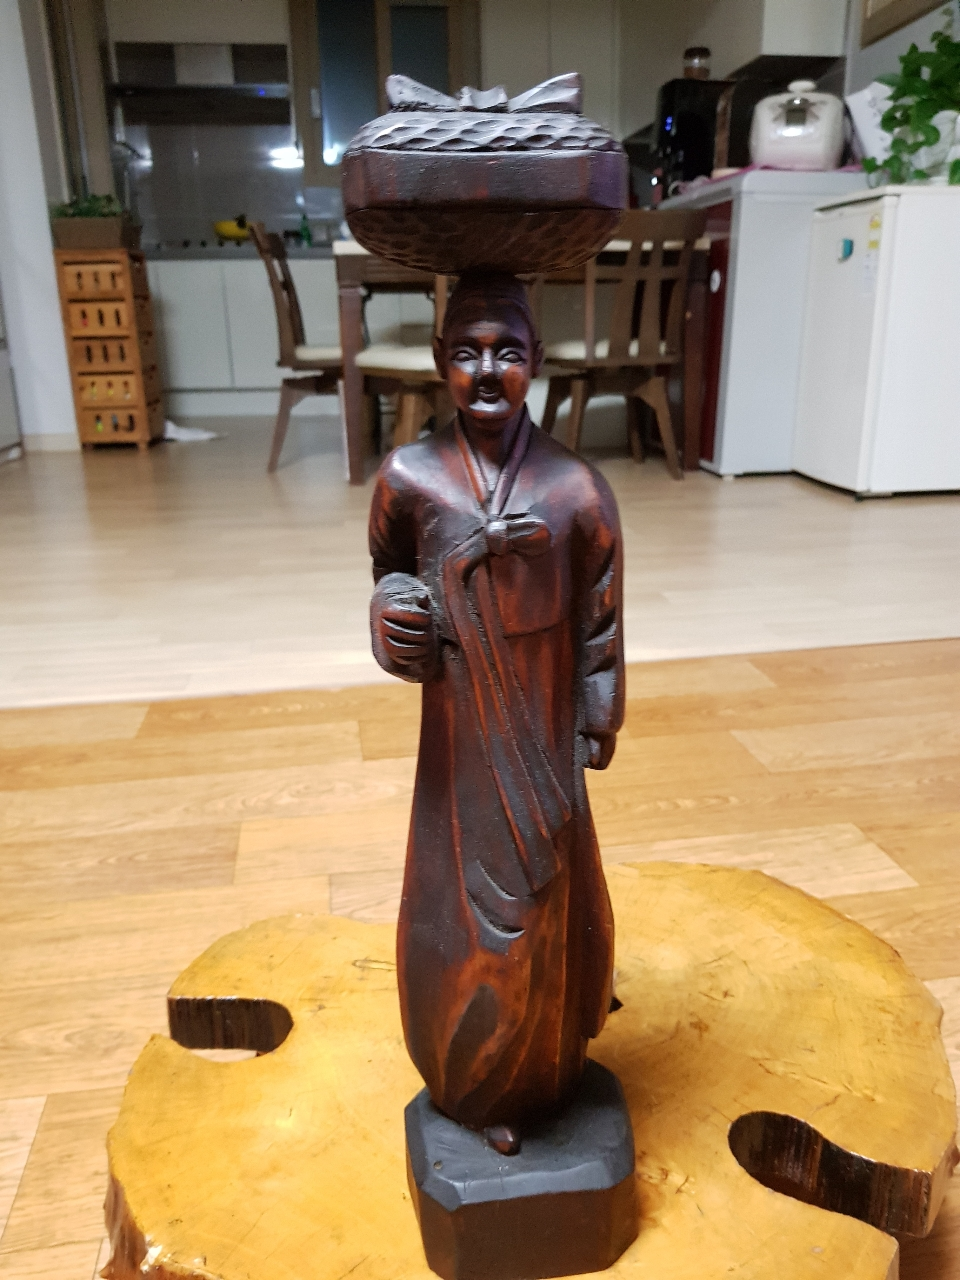 원목   할머니  작품  .  높이  46cm  앤틱   소품 .  넘  이뻐요.